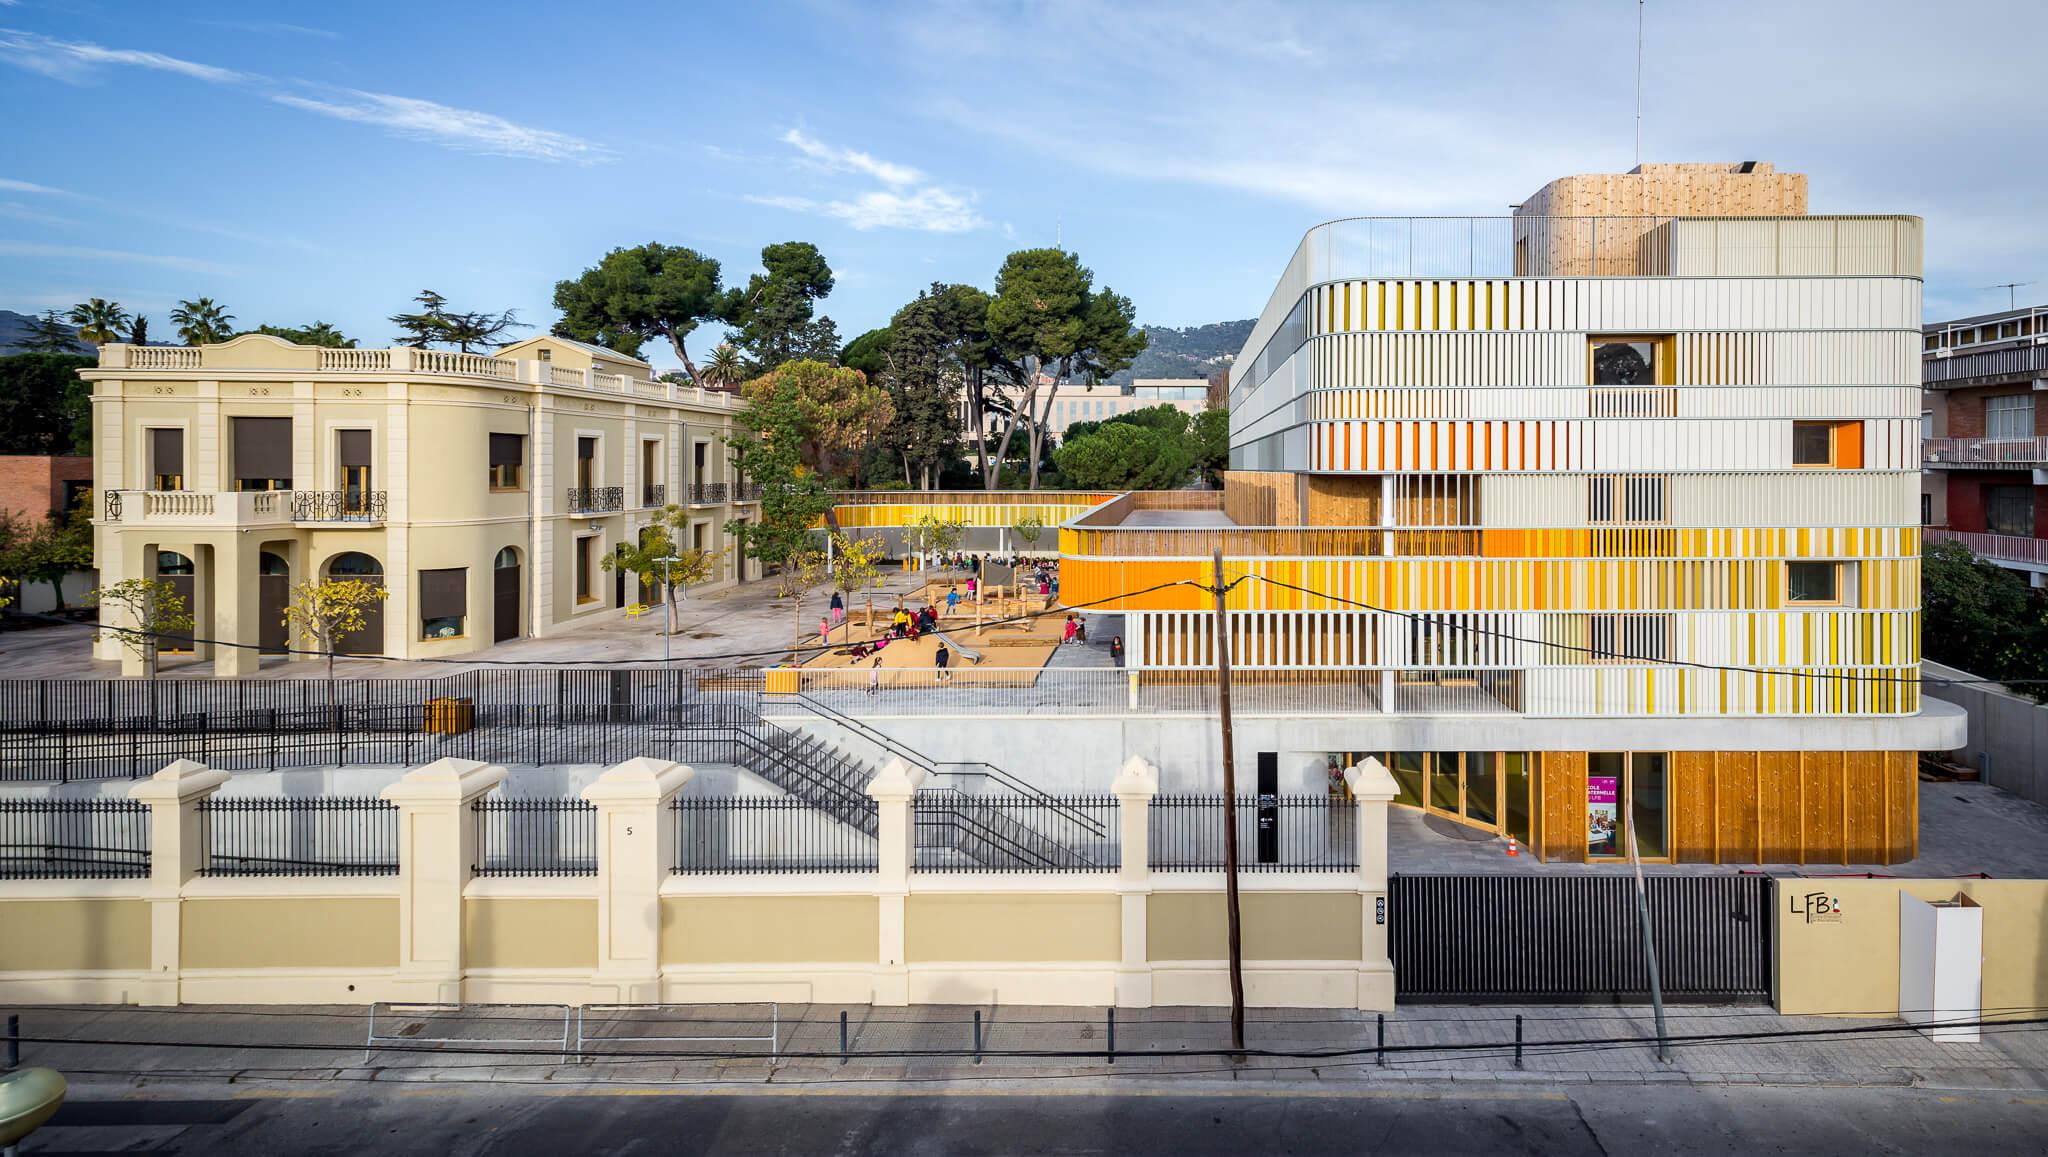 Colegio histórico y Edificio nuevo del Liceo Francés de Barcelona, B720 arquitectos